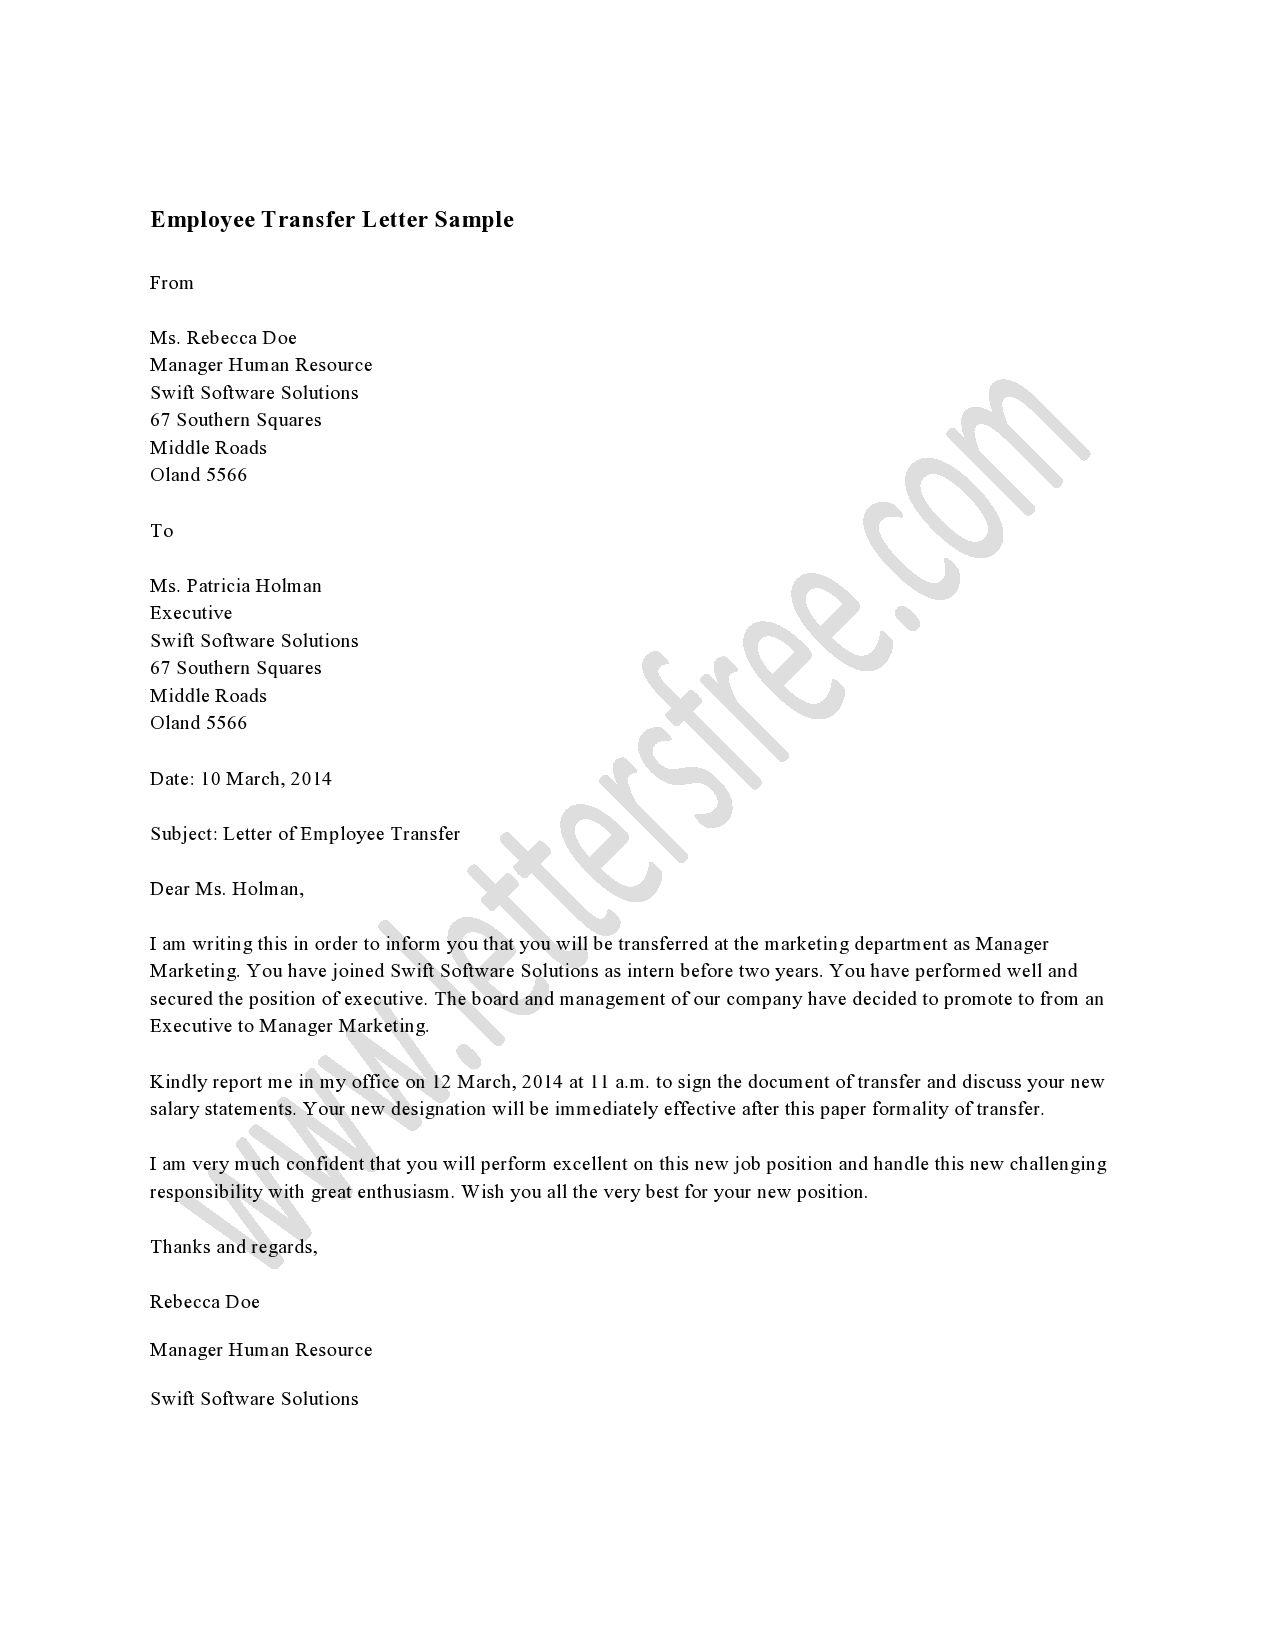 Employee transfer letter is written to notify the employee